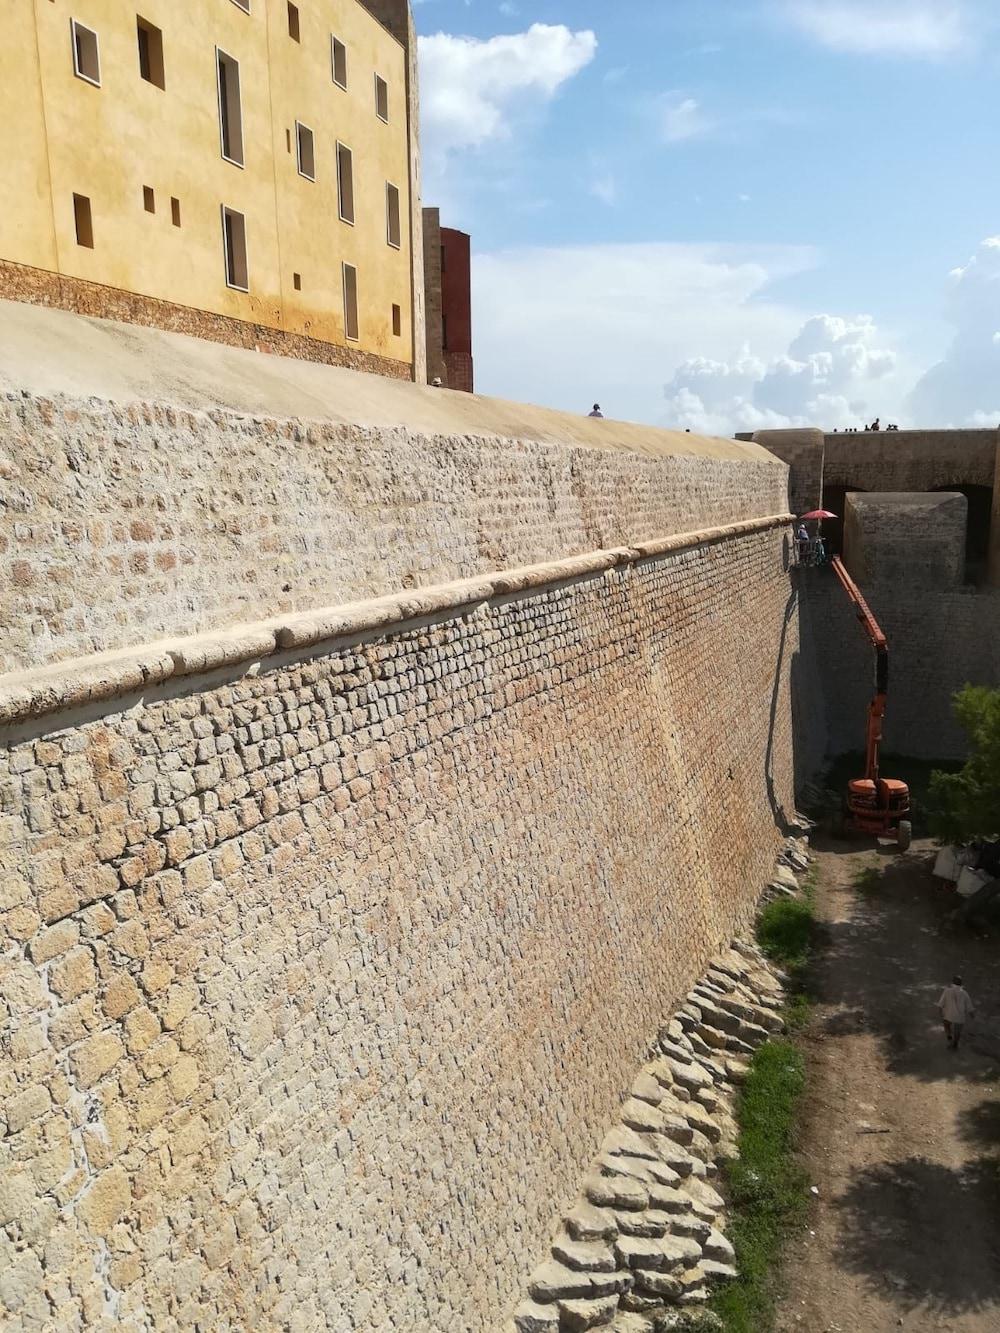 El COAATEEEF presenta a sus colegiados los trabajos de restauración de las antiguas murallas de Dalt Vila de manos de Mapei